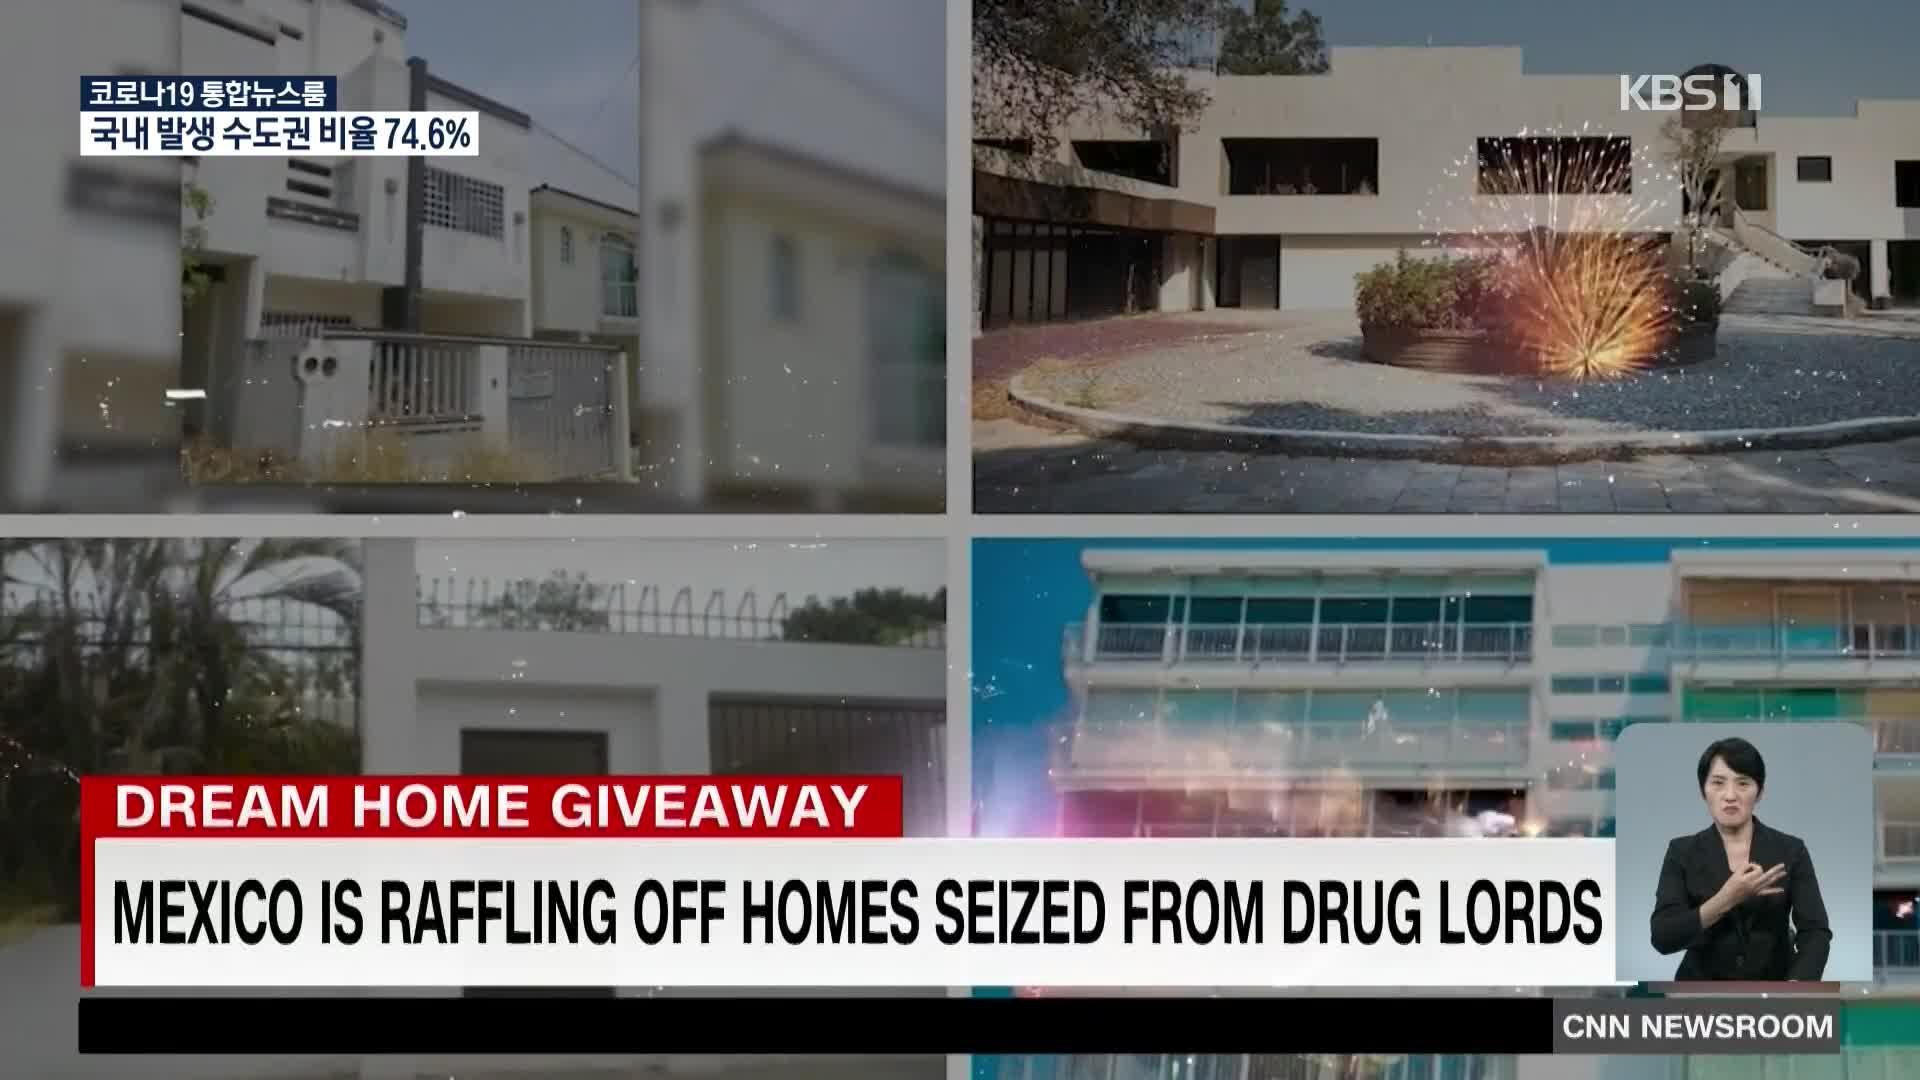 멕시코 마약단 저택들, 복권 경품으로 나와